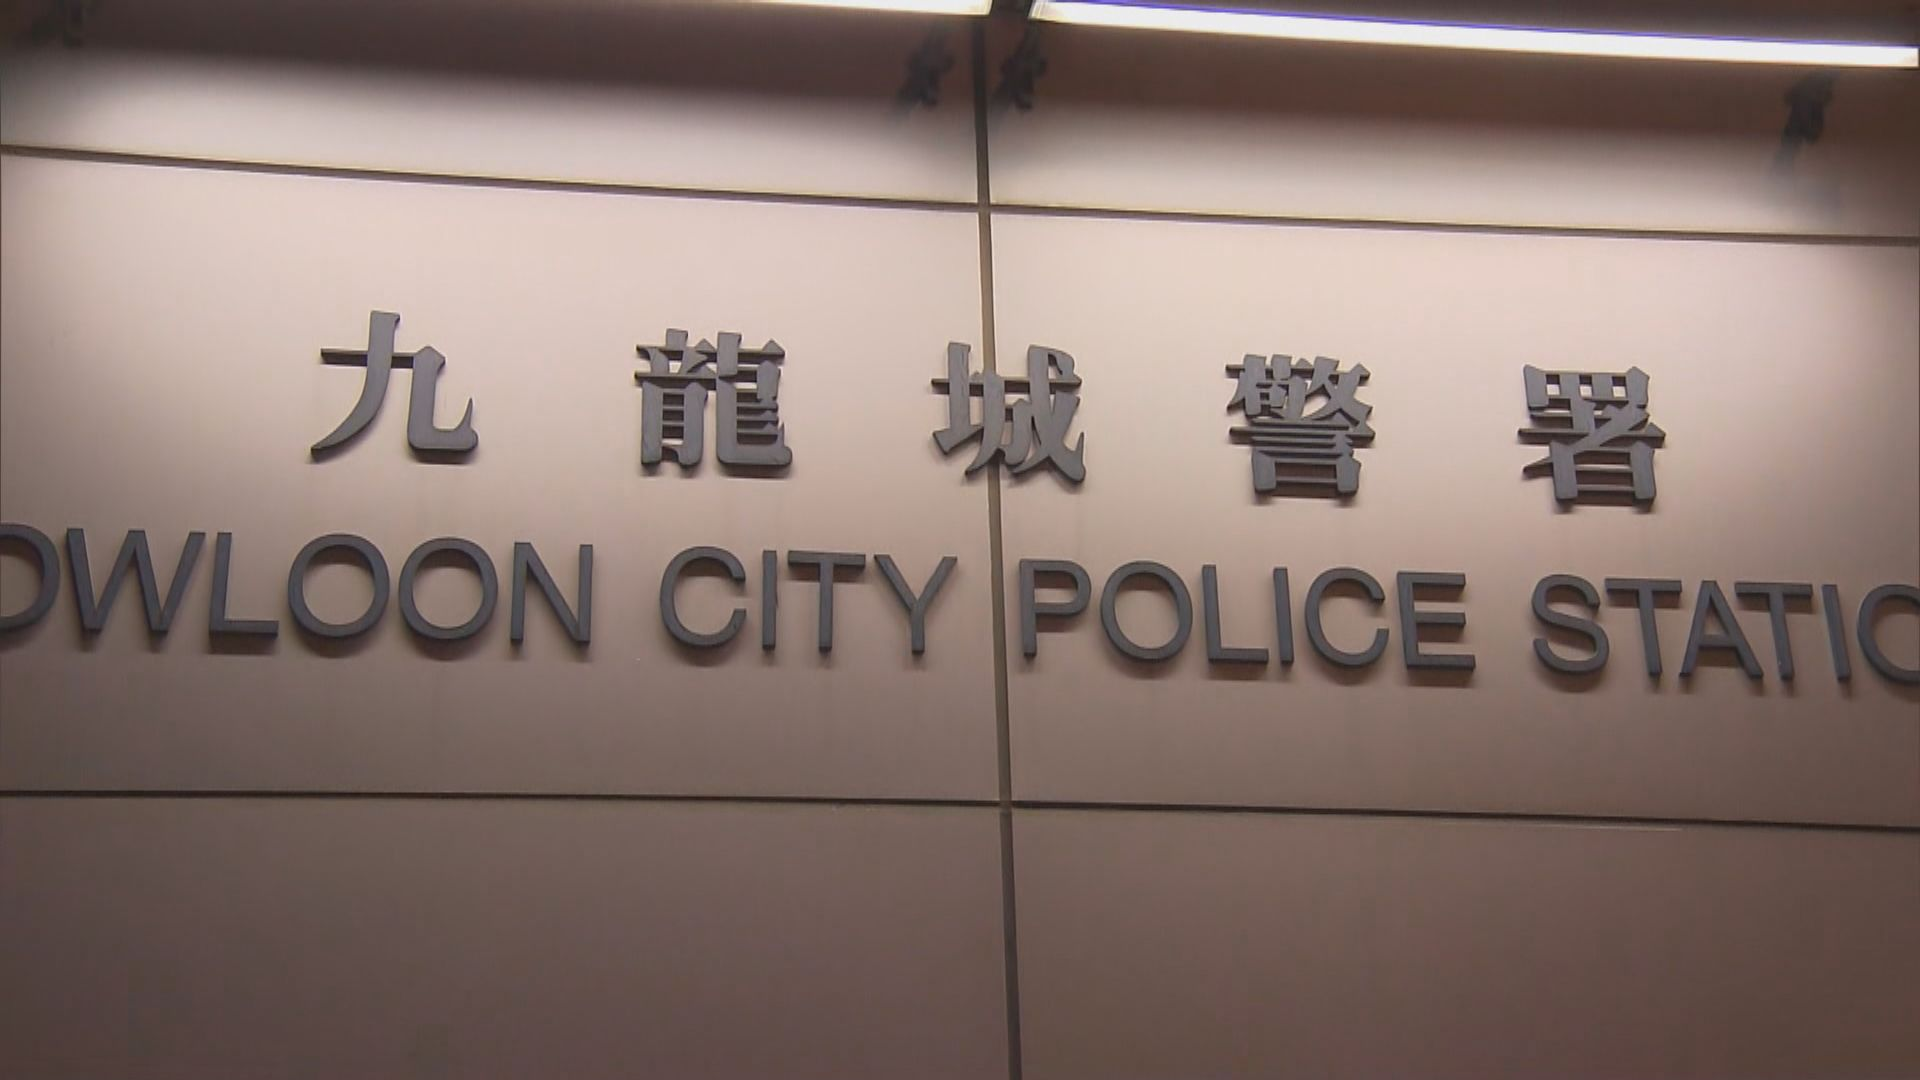 九龍城警署女輔警佩槍退膛走火腳傷